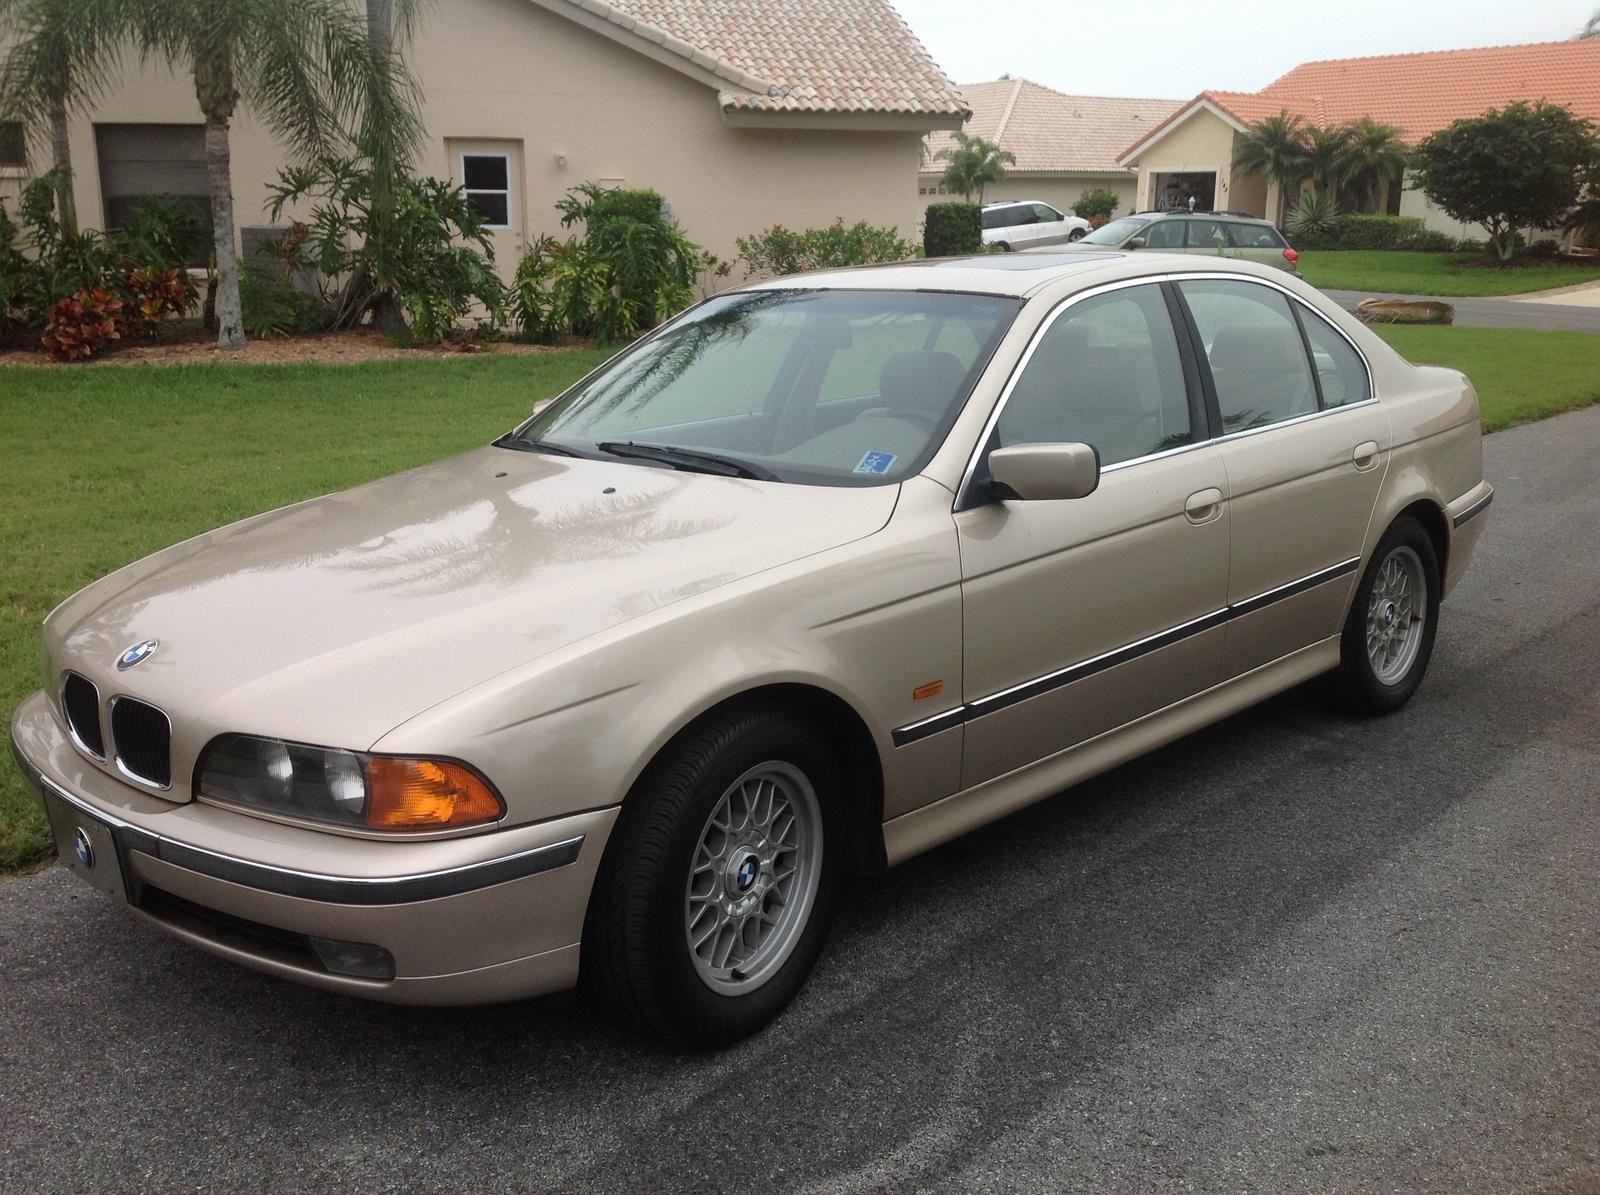 Used 2000 BMW 5 Series 528i Sedan RWD For Sale - CarGurus